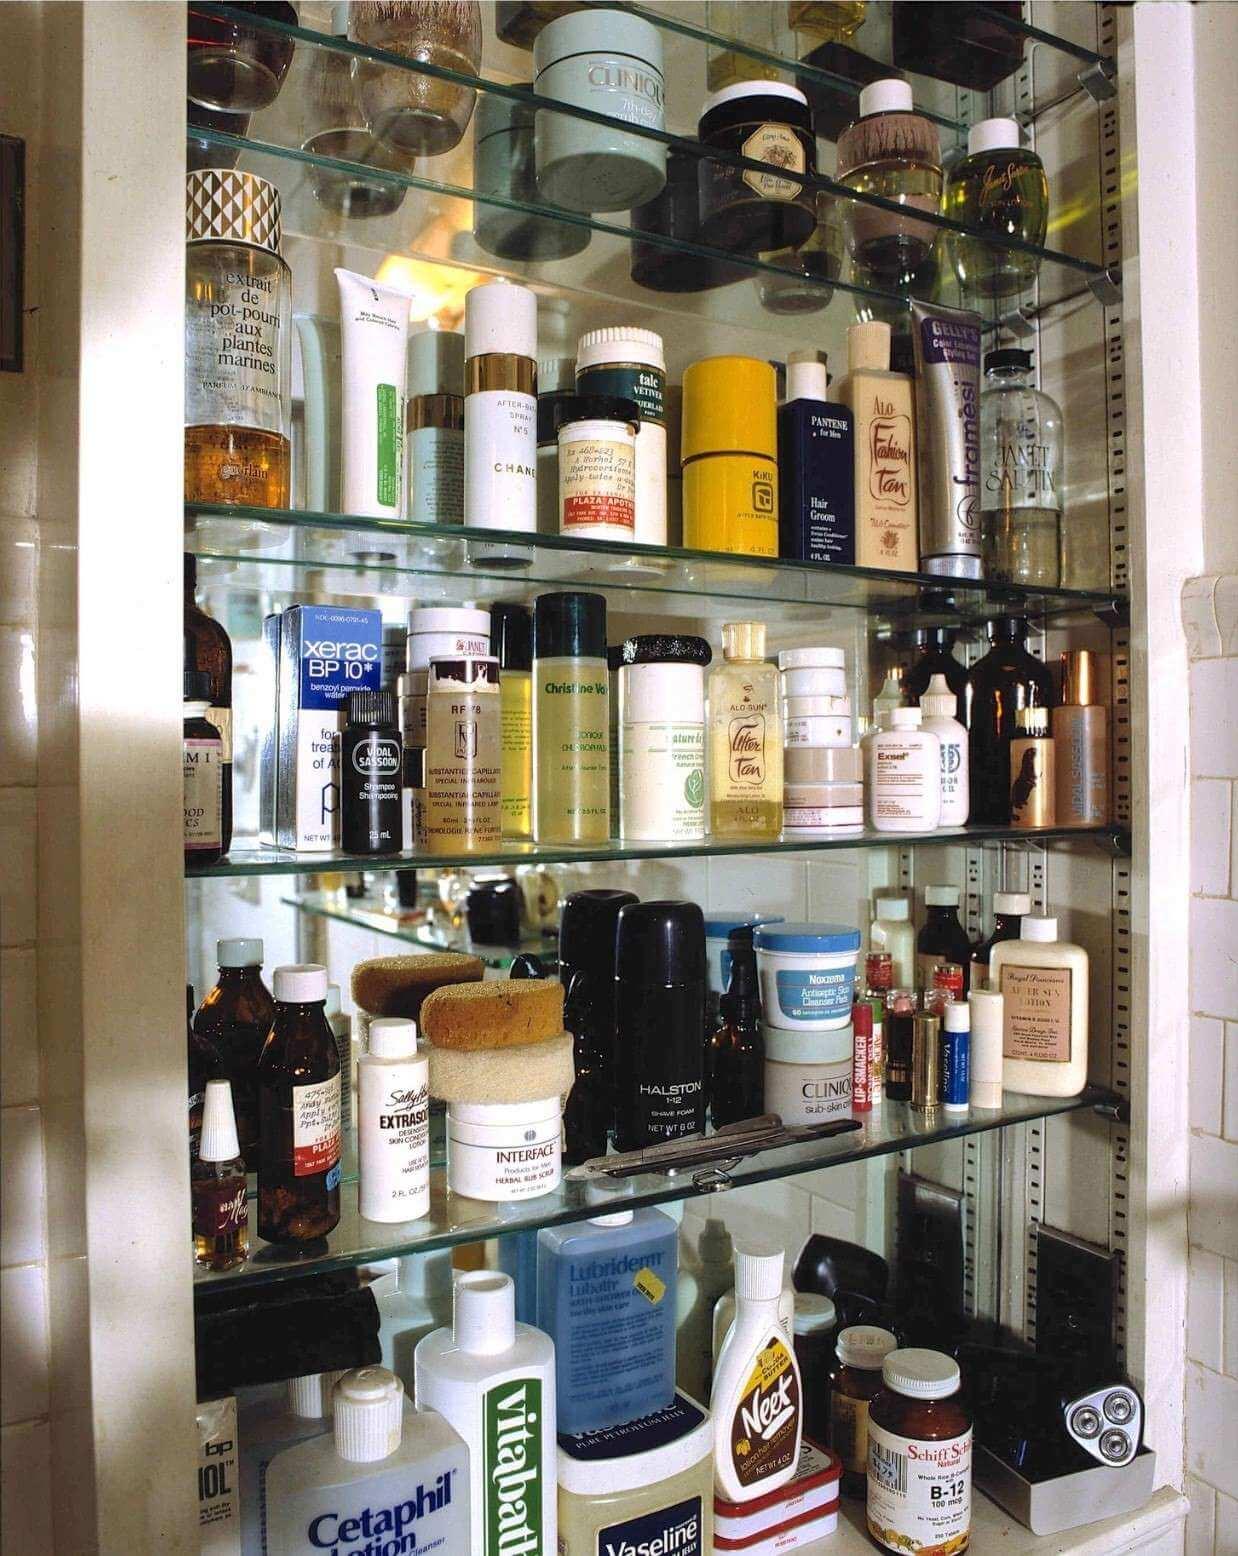 Una mirada obsesiva y voyeurista al interior del apartamento de Andy Warhol